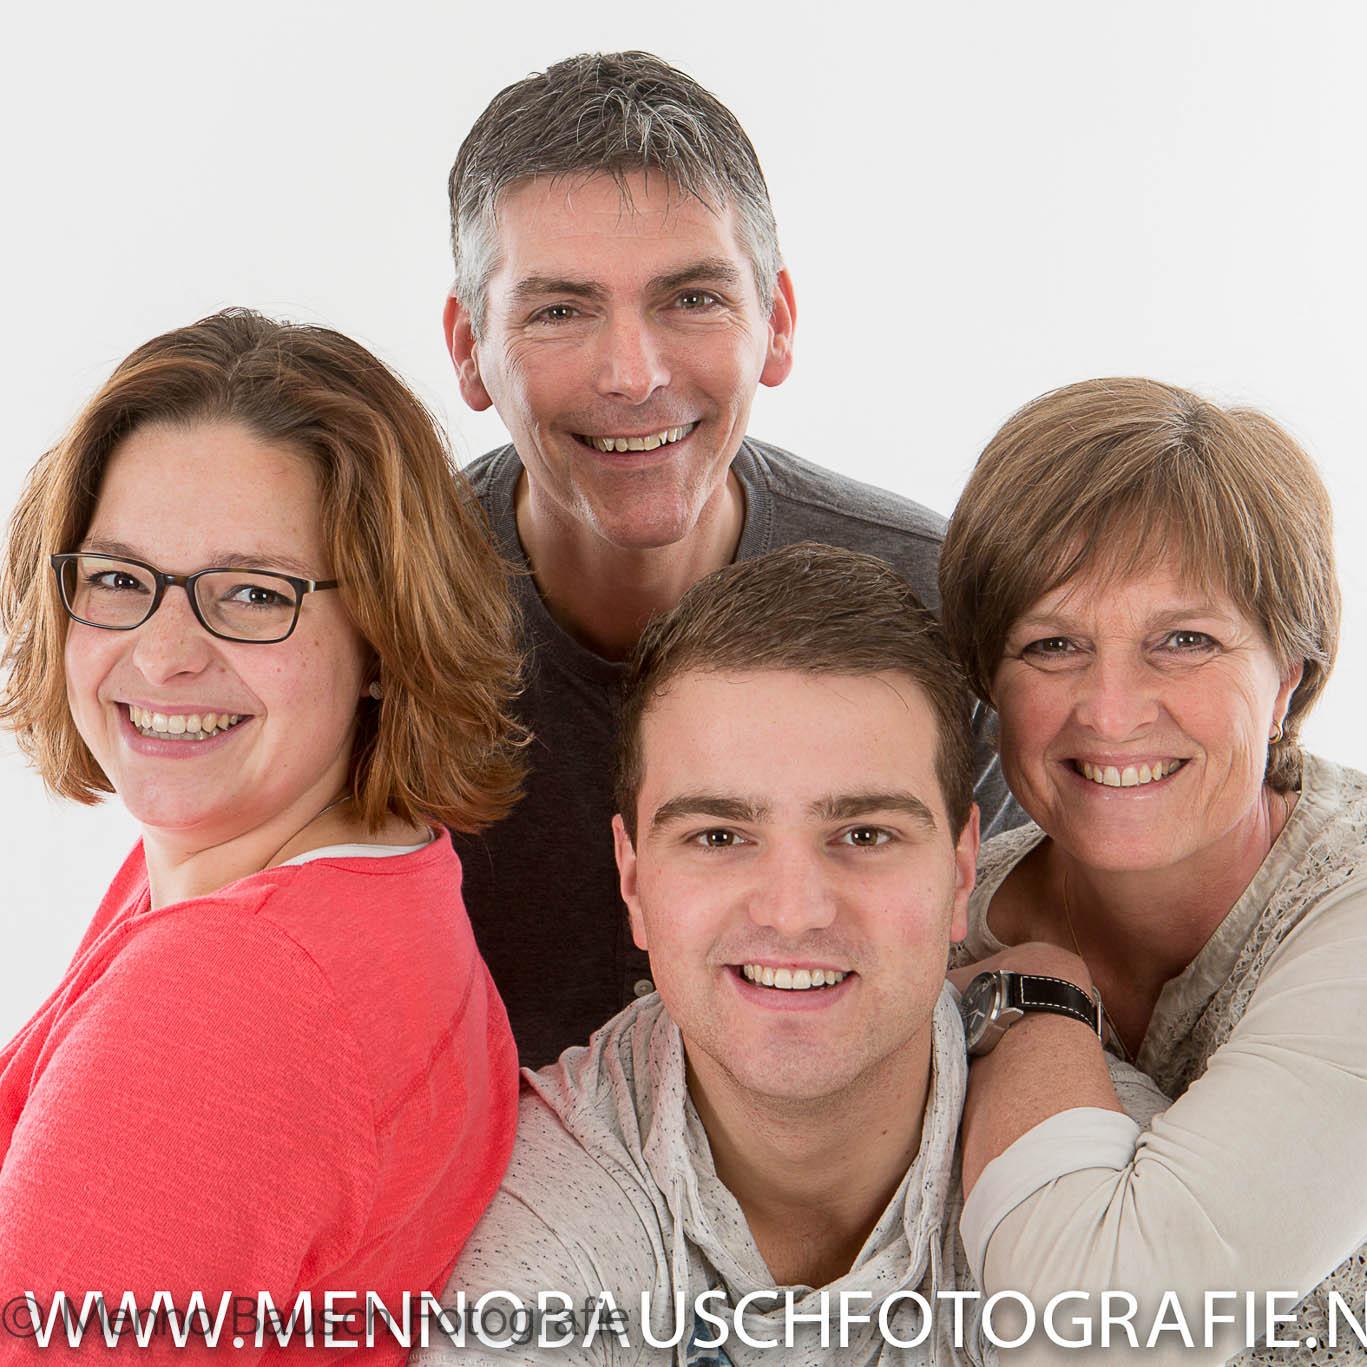 Menno Bausch Fotografie43